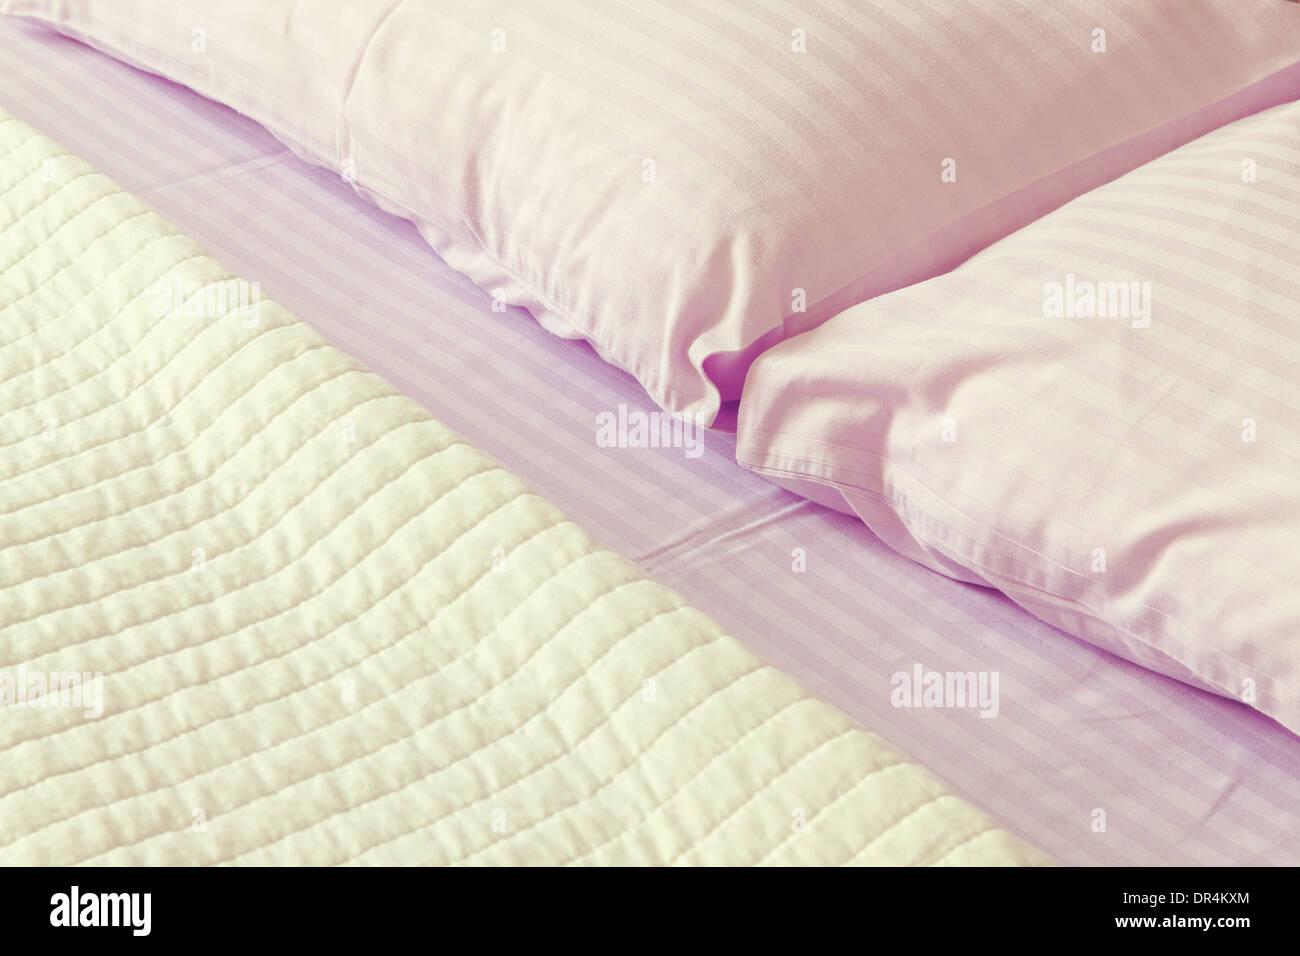 Dettagli e texture di un moderno bed sheets. Immagini Stock